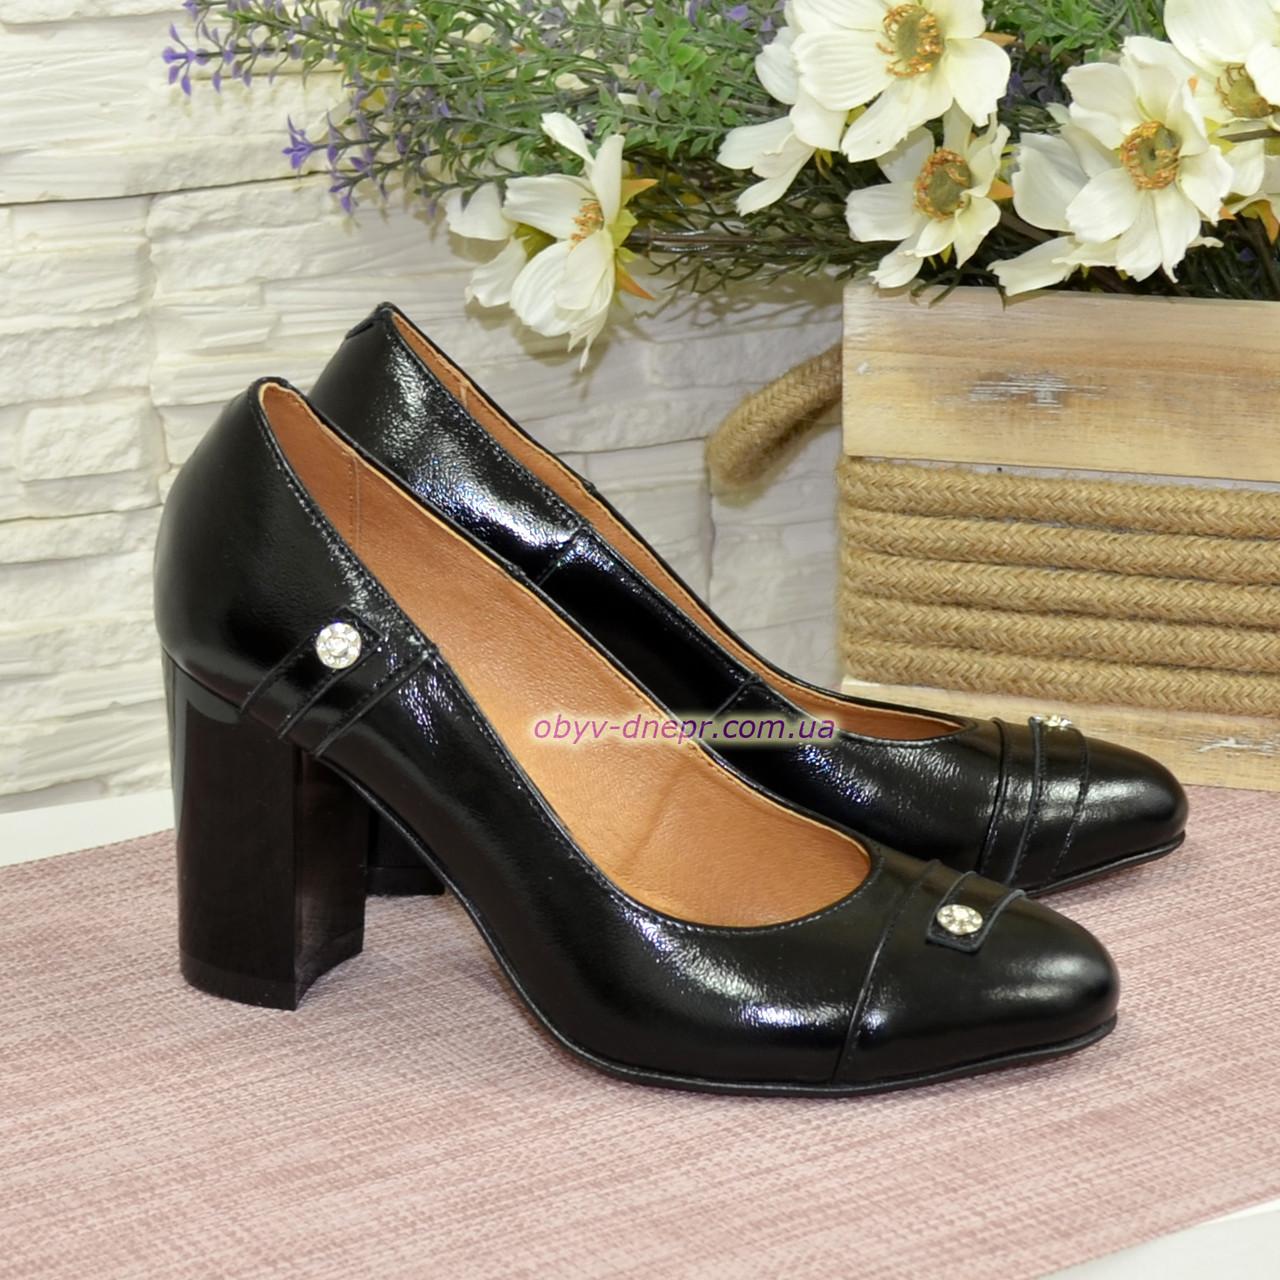 Туфли женские лаковые на высоком устойчивом каблуке